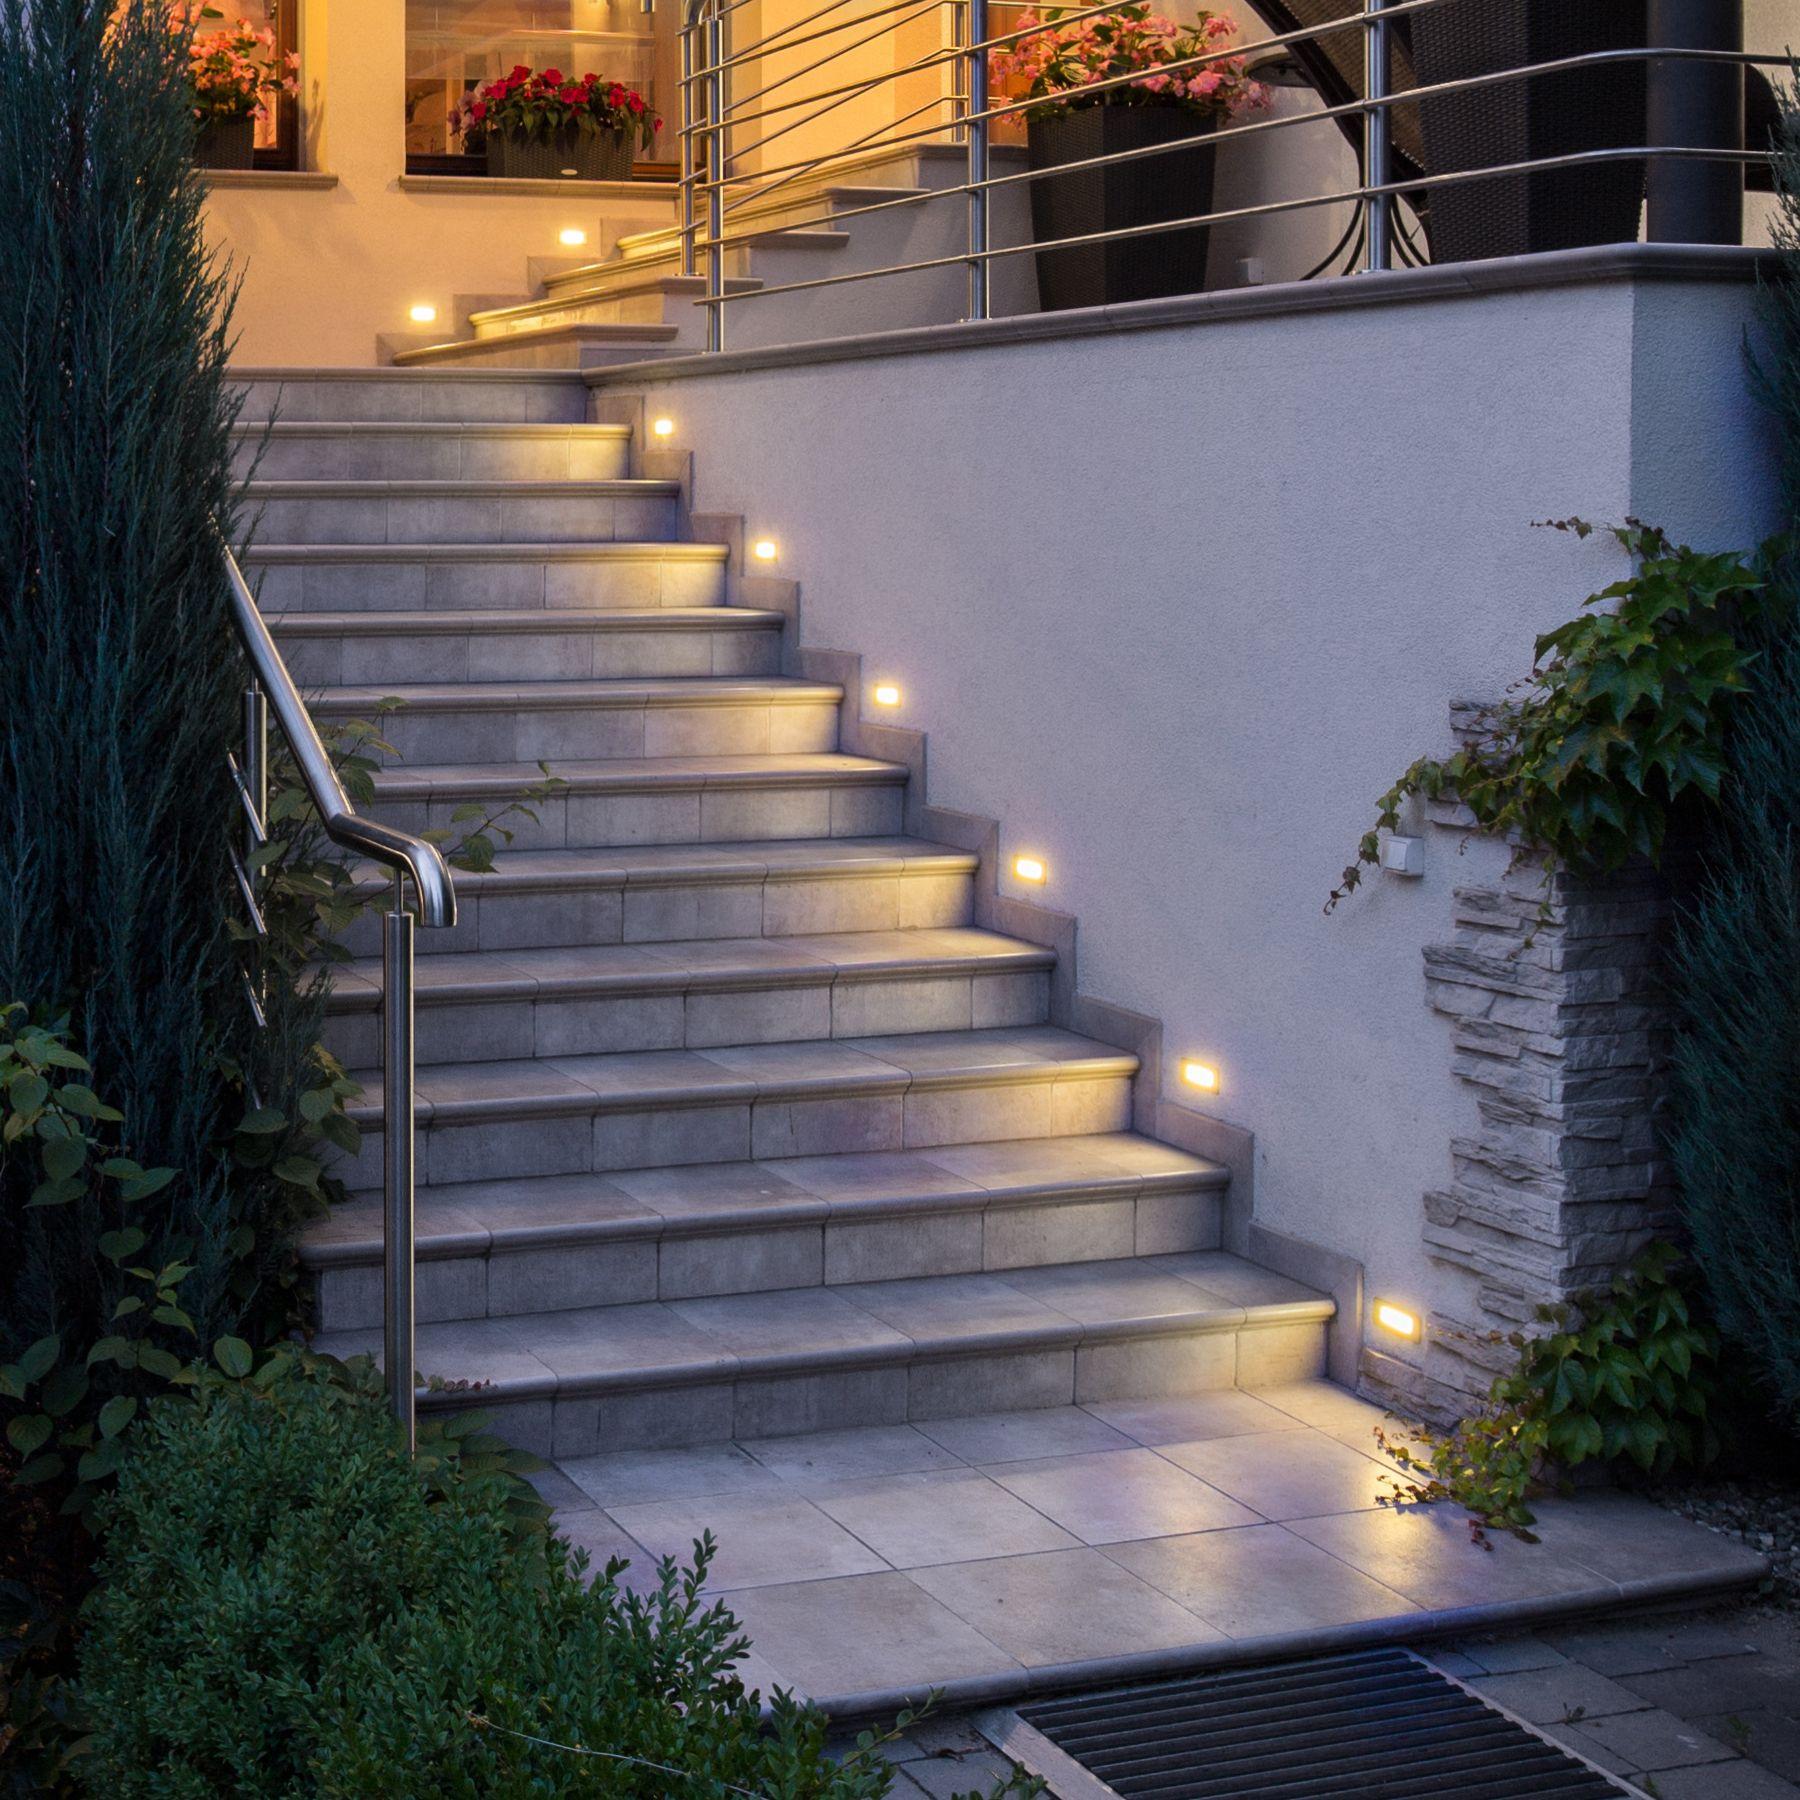 Piko S Led Wandeinbauleuchte Aussen Ip65 Treppenleuchte Edelstahl 230v Warmweisses Licht Treppenbeleuchtung Aussentreppe Treppe Aussen